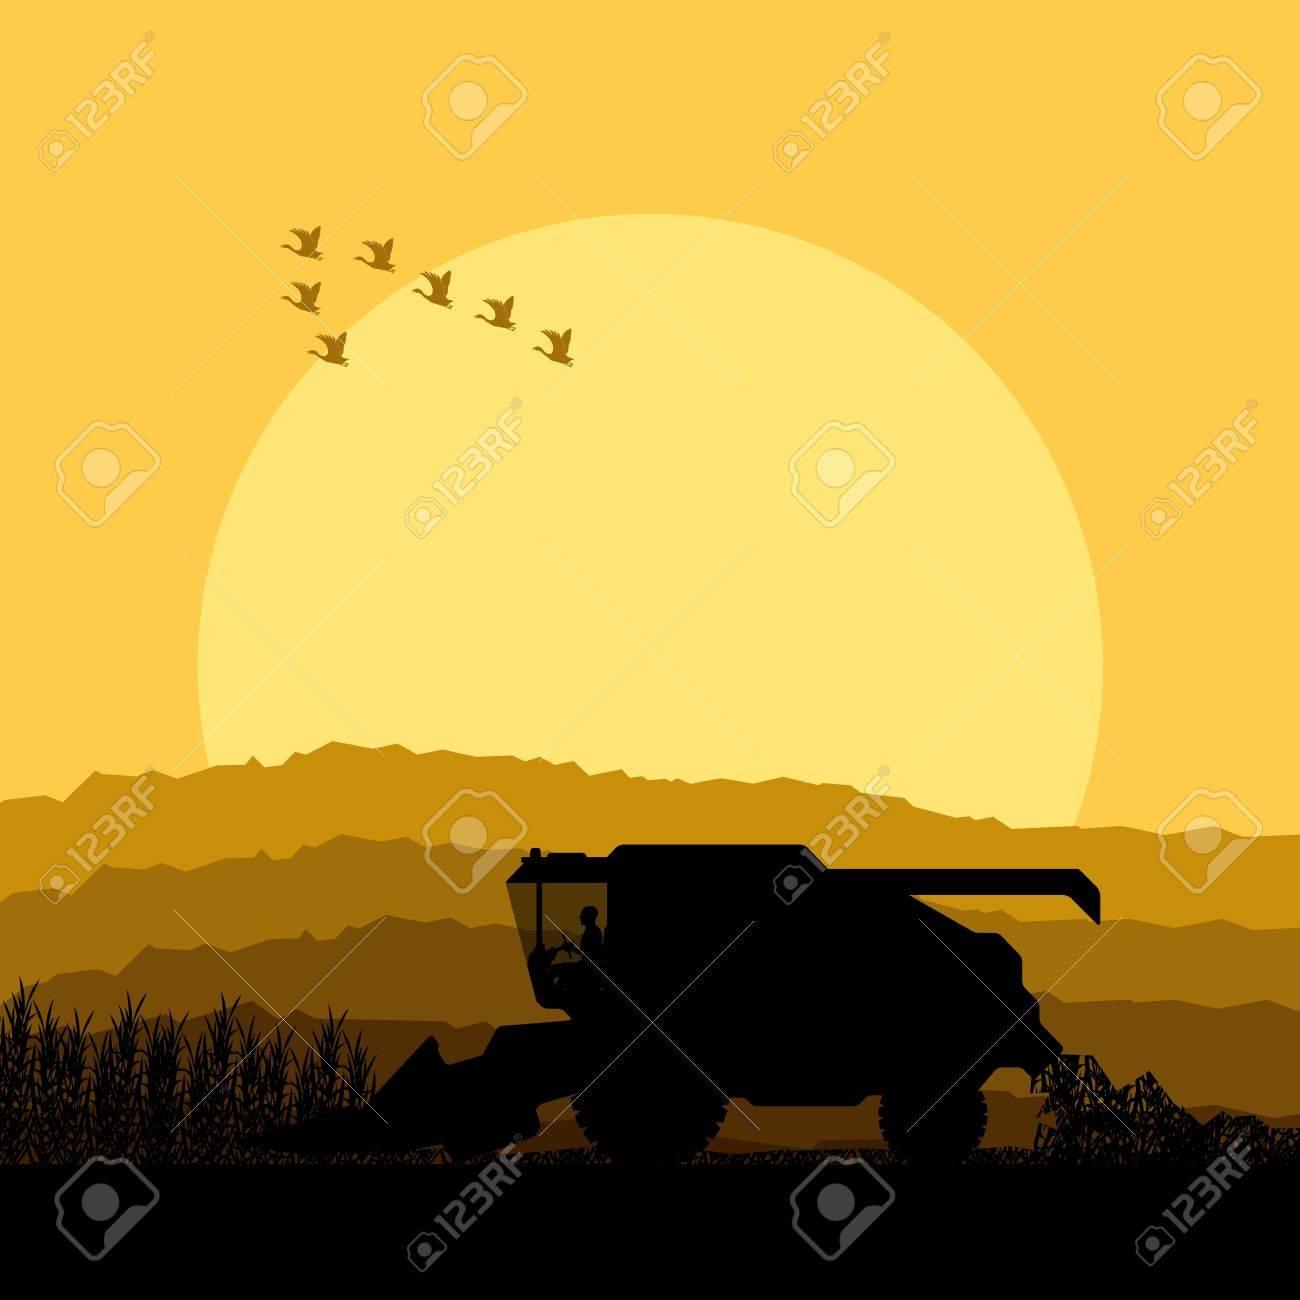 Combine harvesting crop in grain fields background vector illustration Stock Vector - 16289094